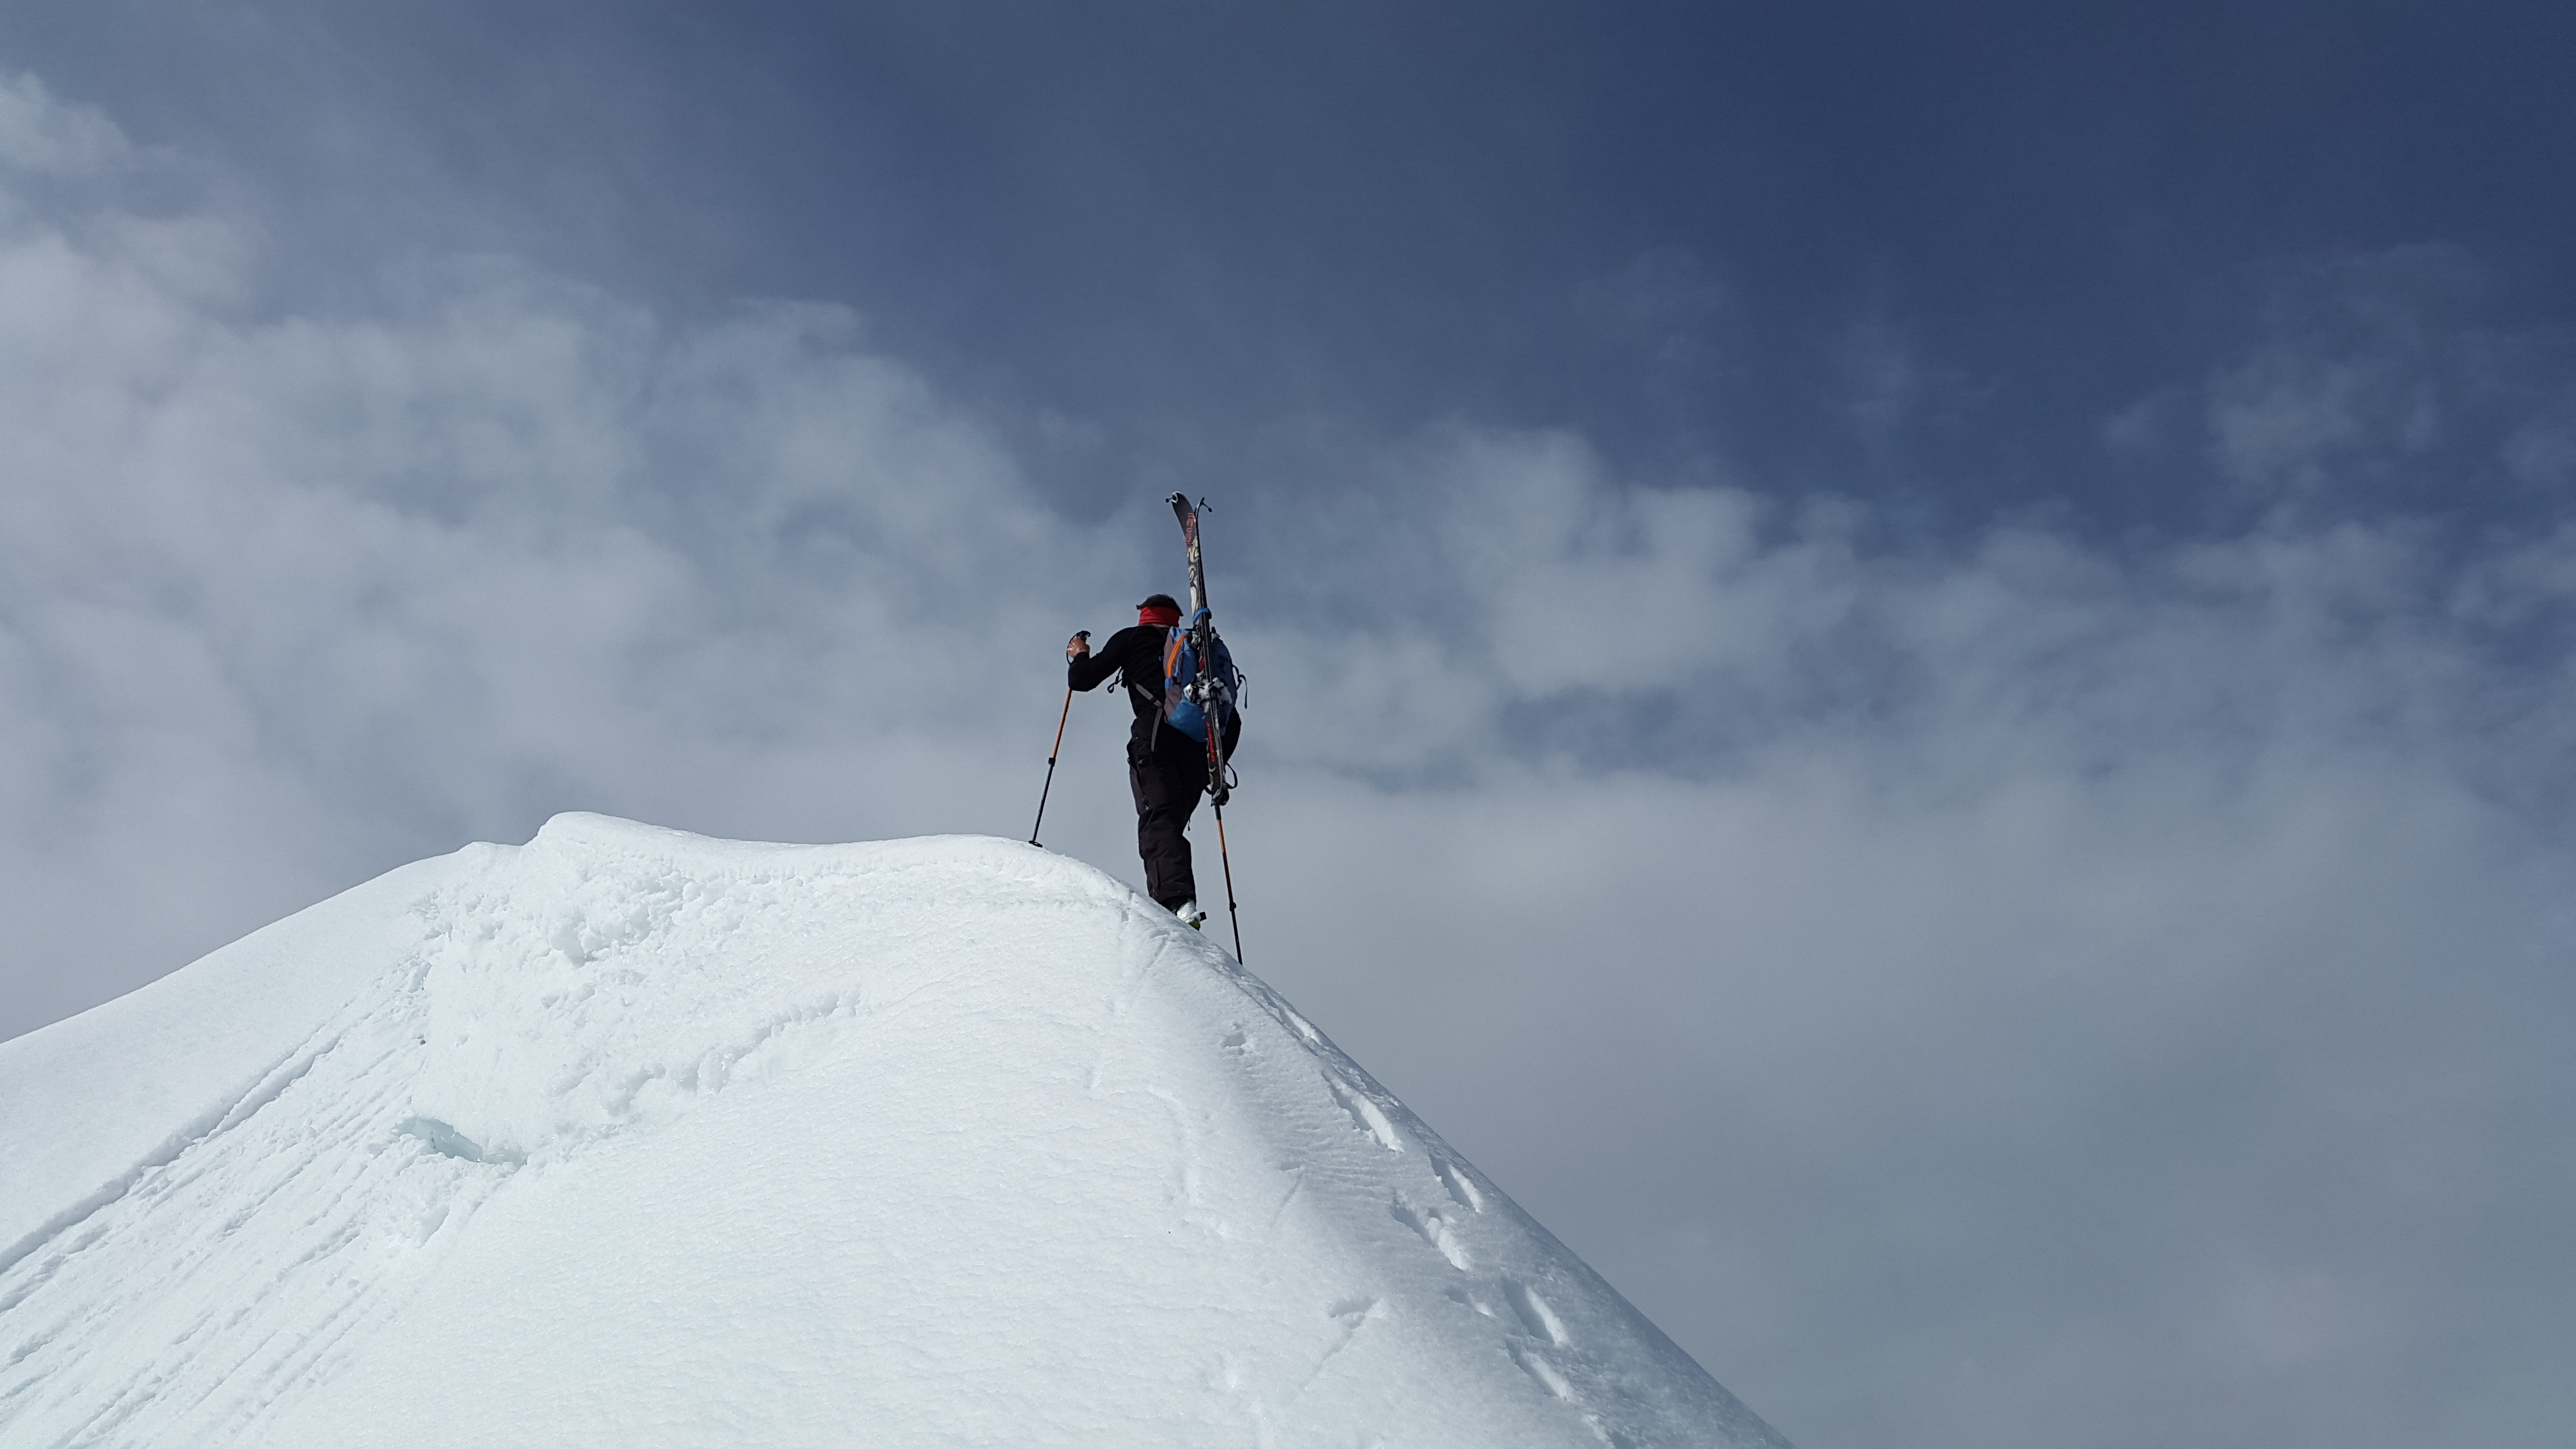 backcountry-skiiing-2289970